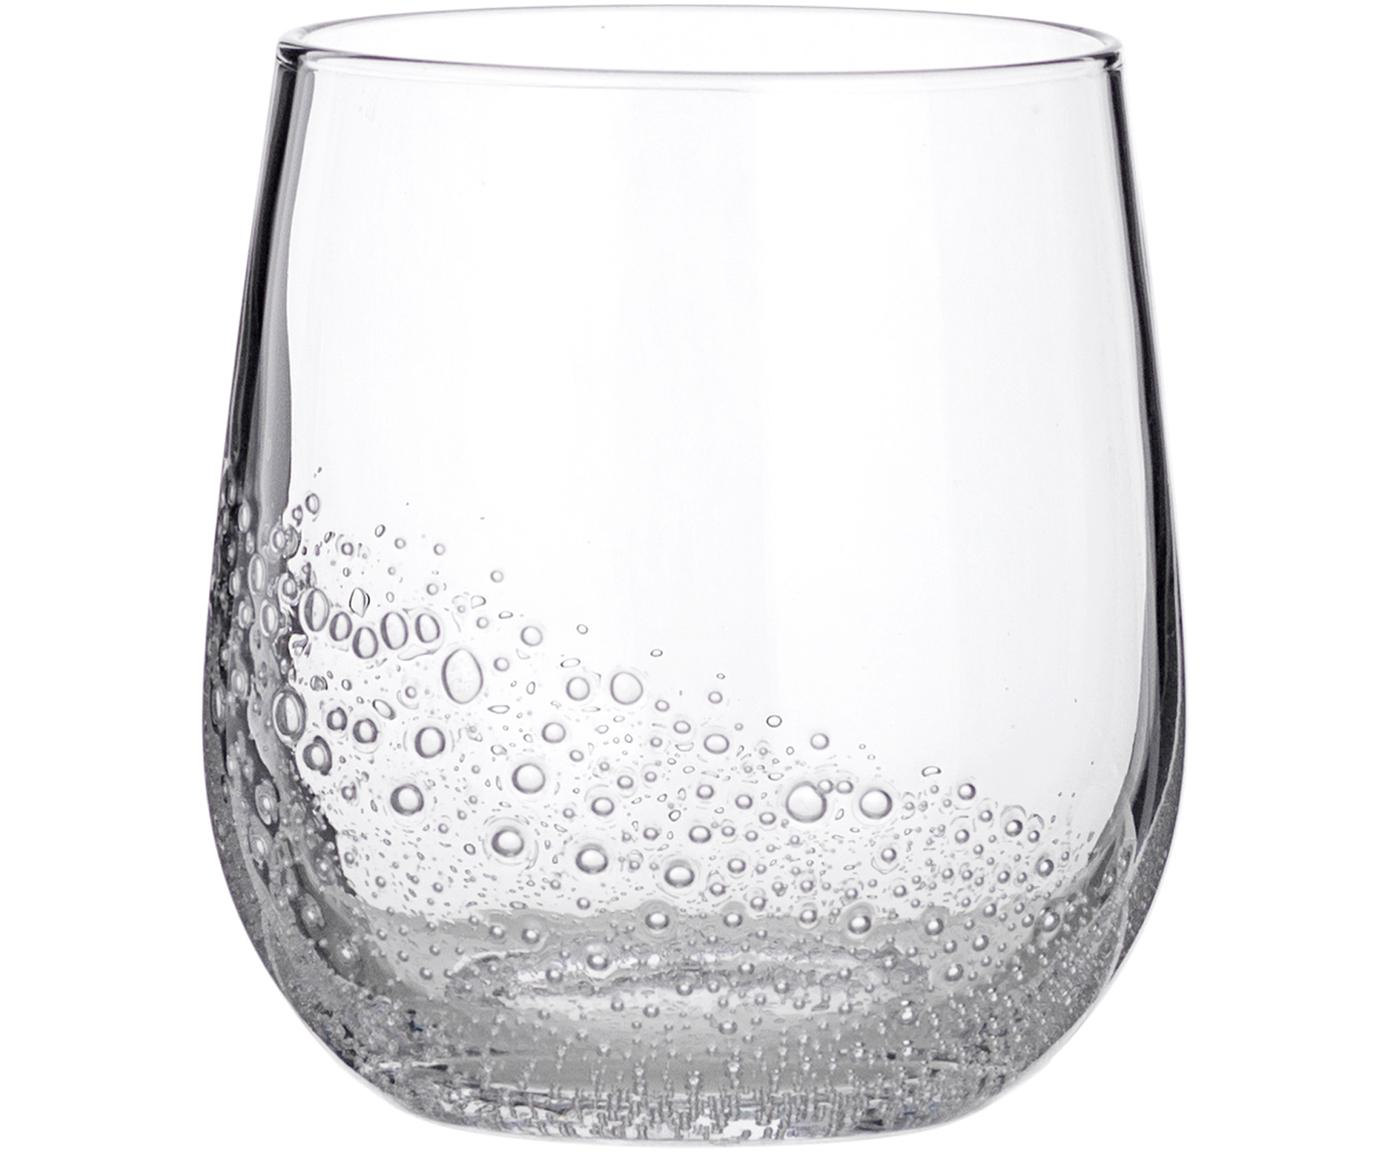 Mundgeblasene Wassergläser Bubble mit kunstvollen Lufteinschlüssen, 4er-Set, Glas, mundgeblasen, Transparent mit Lufteinschlüssen, Ø 9 x H 10 cm